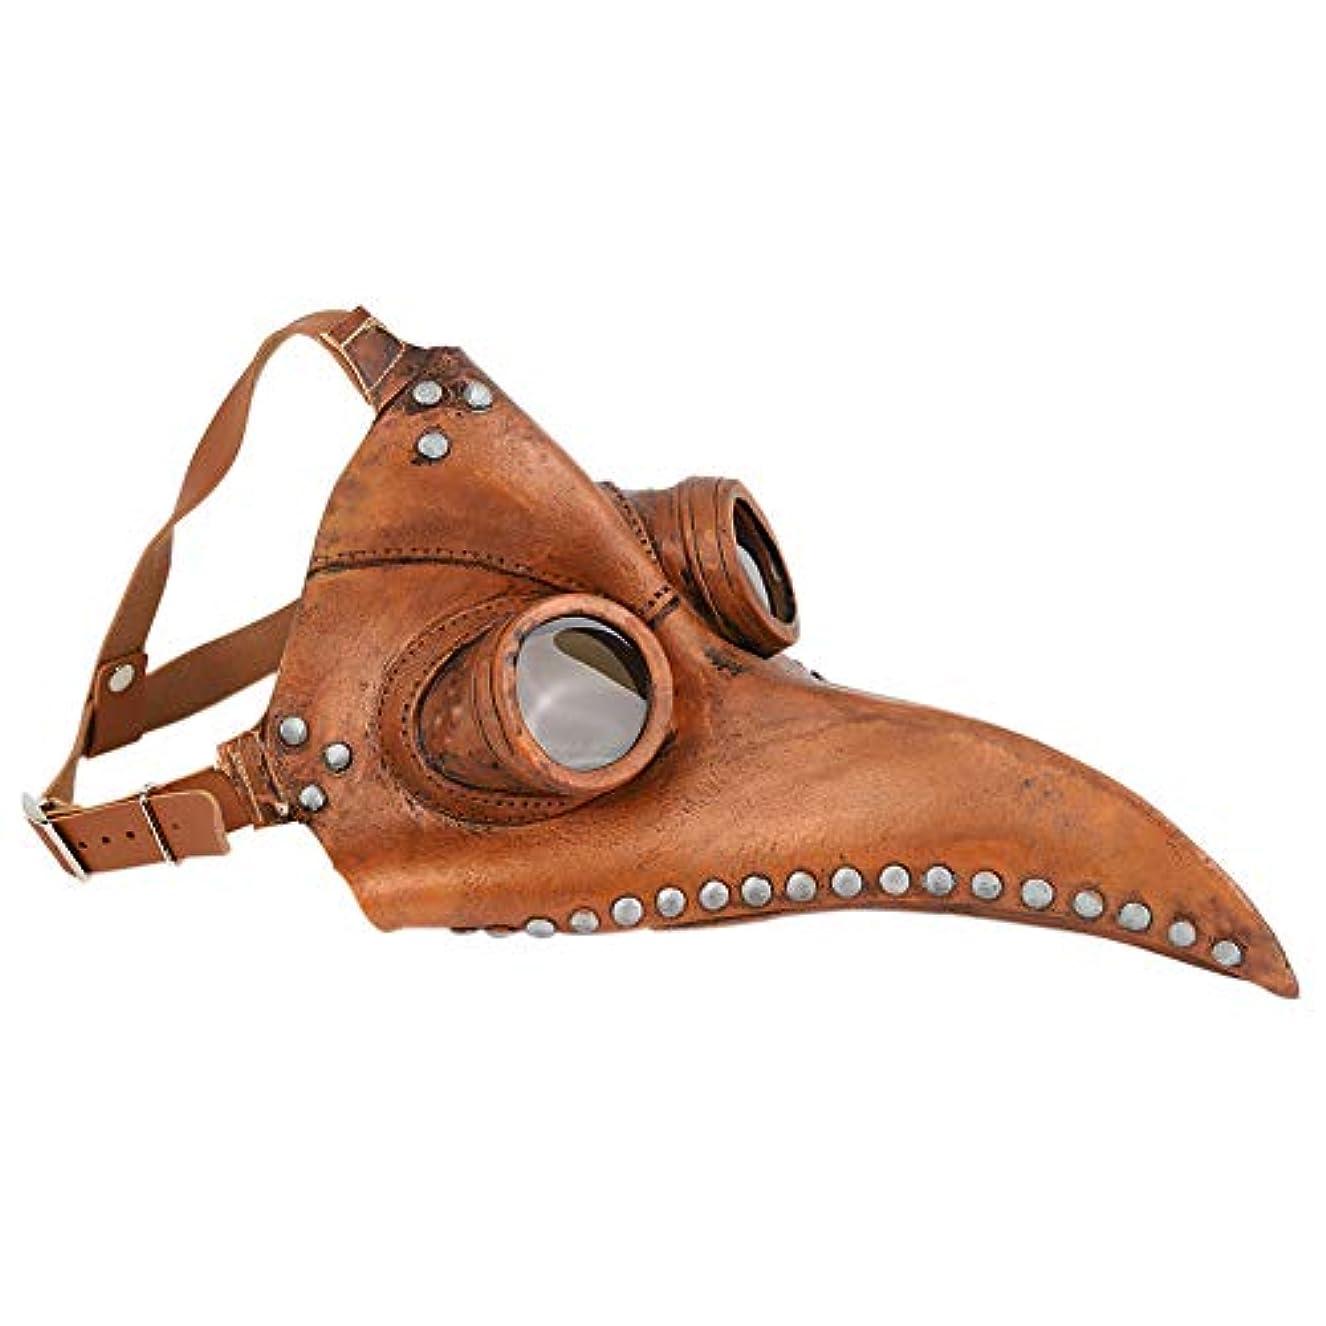 Esolom ハロウィンマスク ペストスチーム喙ドクターマスク ホリデーパーティー用品 黒 銅の爪 ホラーマスク ハロウィンデコレーション 通気性